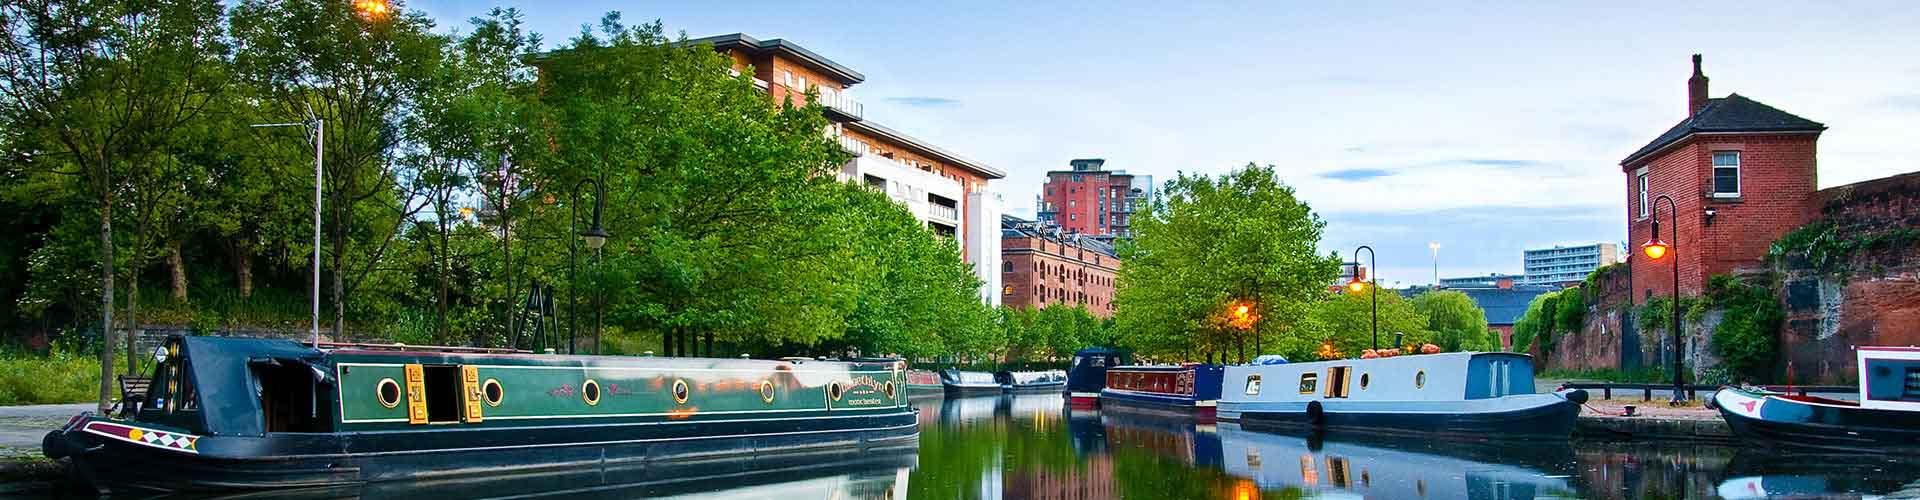 Manchester – Hotellit kaupungiosassa Ancoats. Manchester -karttoja, valokuvia ja arvosteluja kaikista Manchester -hotelleista.